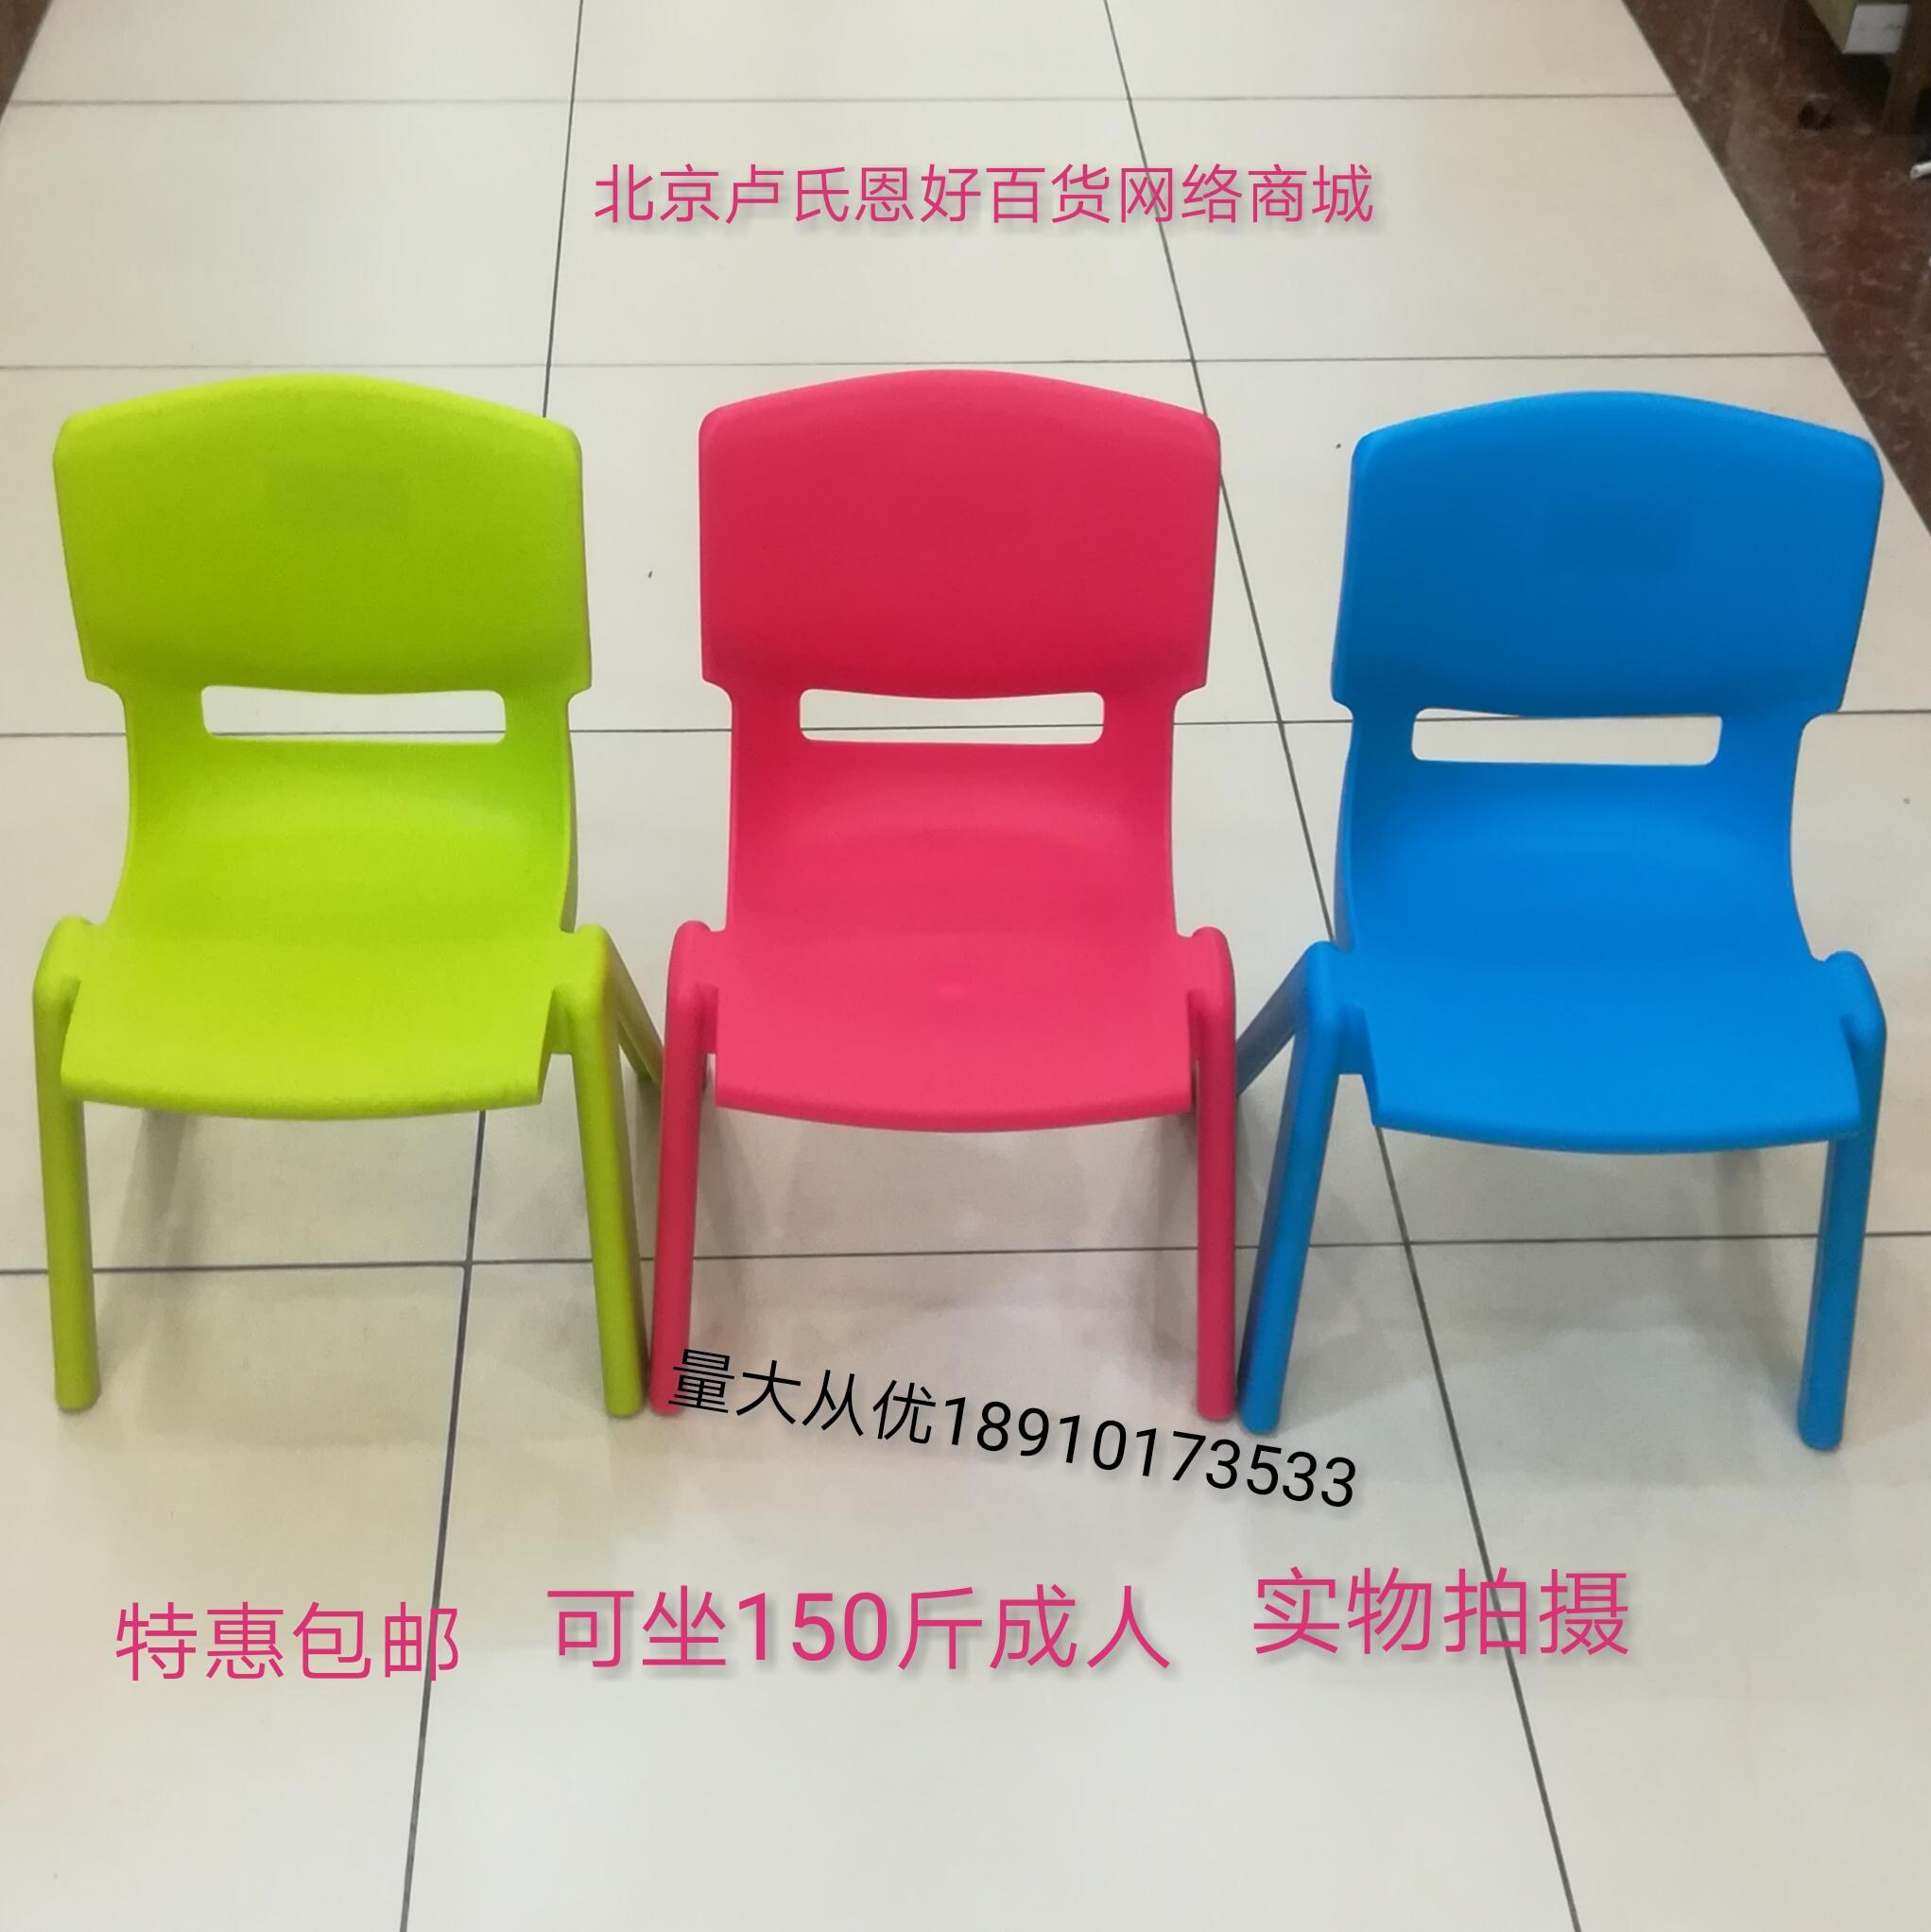 Бесплатная доставка сейф выдающийся заумный ребенок стул пластик спинка стула зи утолщённый ребенок столы и стулья ребенок небольшой стул детский сад стул